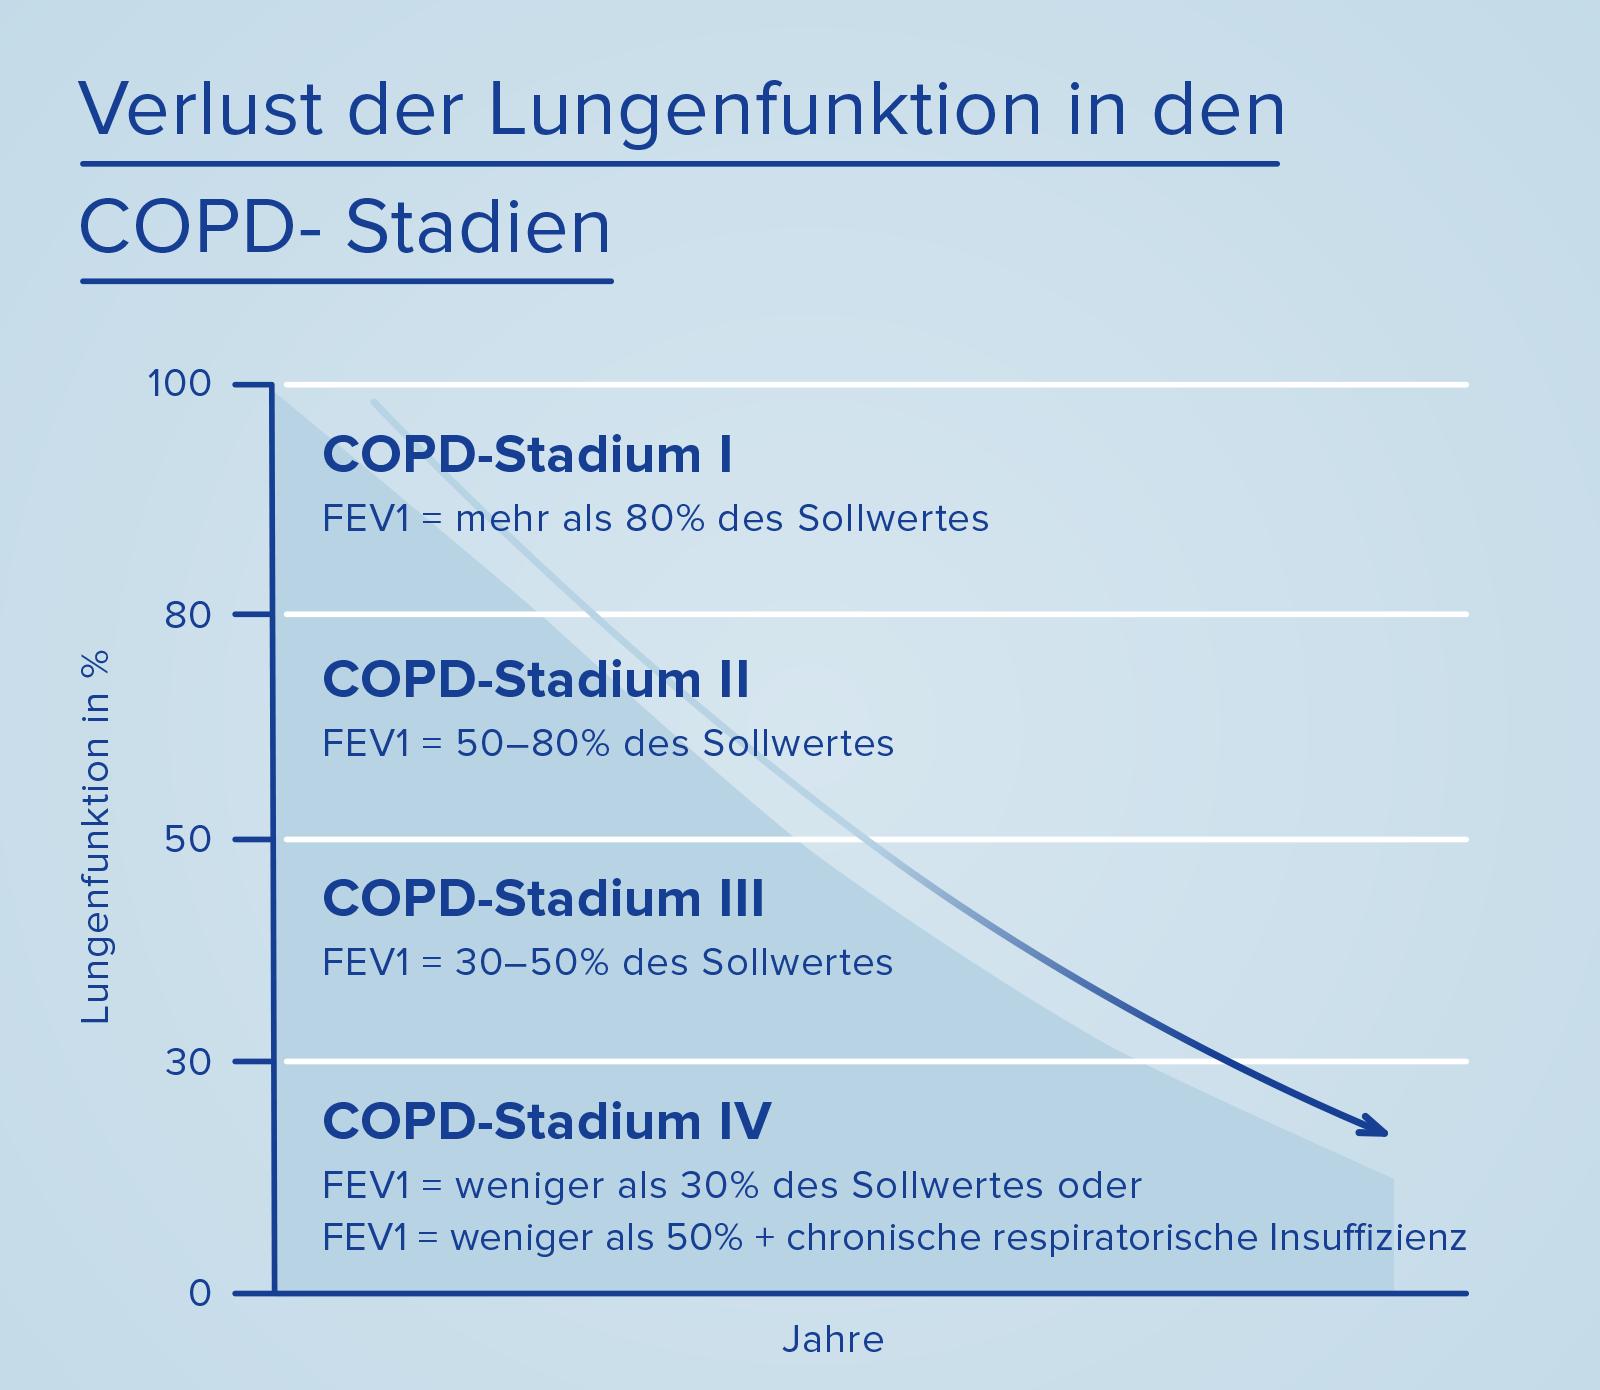 Verlust der Lungenfunktion in den COPD-Stadien